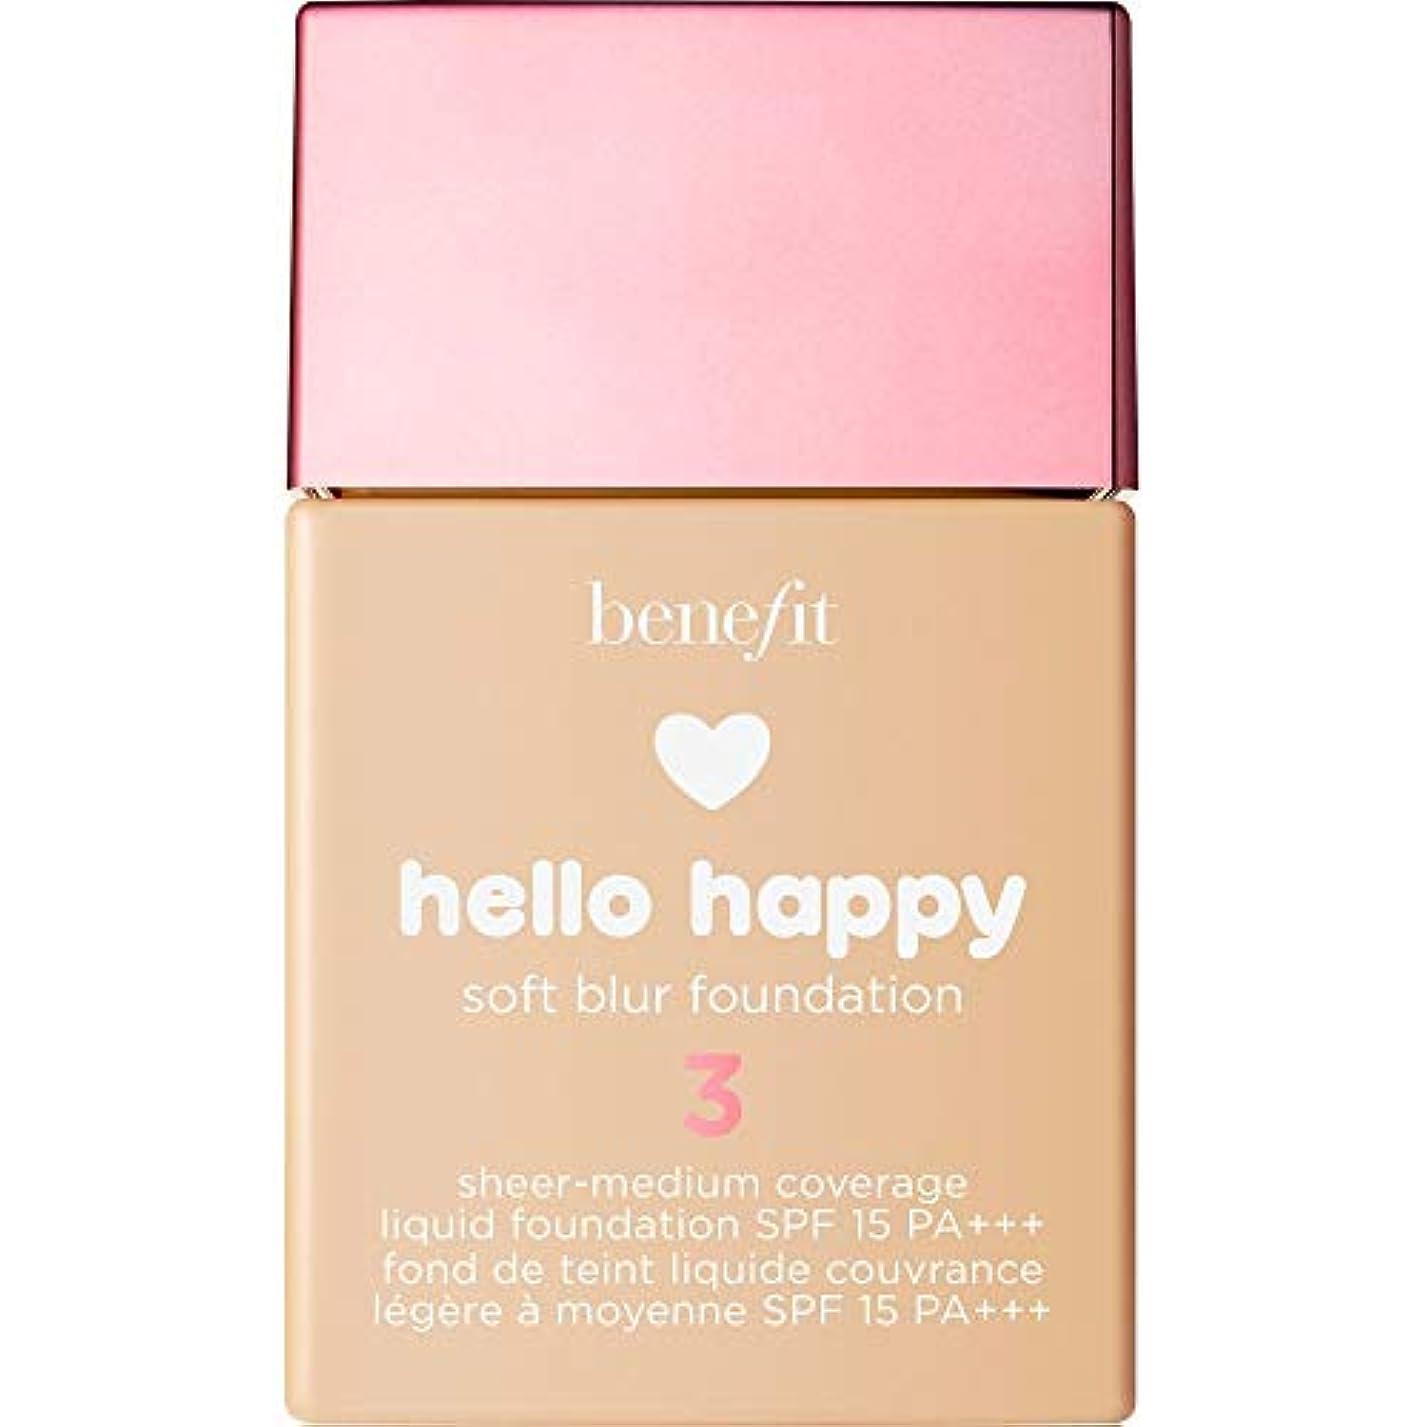 分豚肉足首[Benefit ] 利益こんにちは幸せなソフトブラー基礎Spf15 30ミリリットル3 - ニュートラルライト - Benefit Hello Happy Soft Blur Foundation SPF15 30ml...